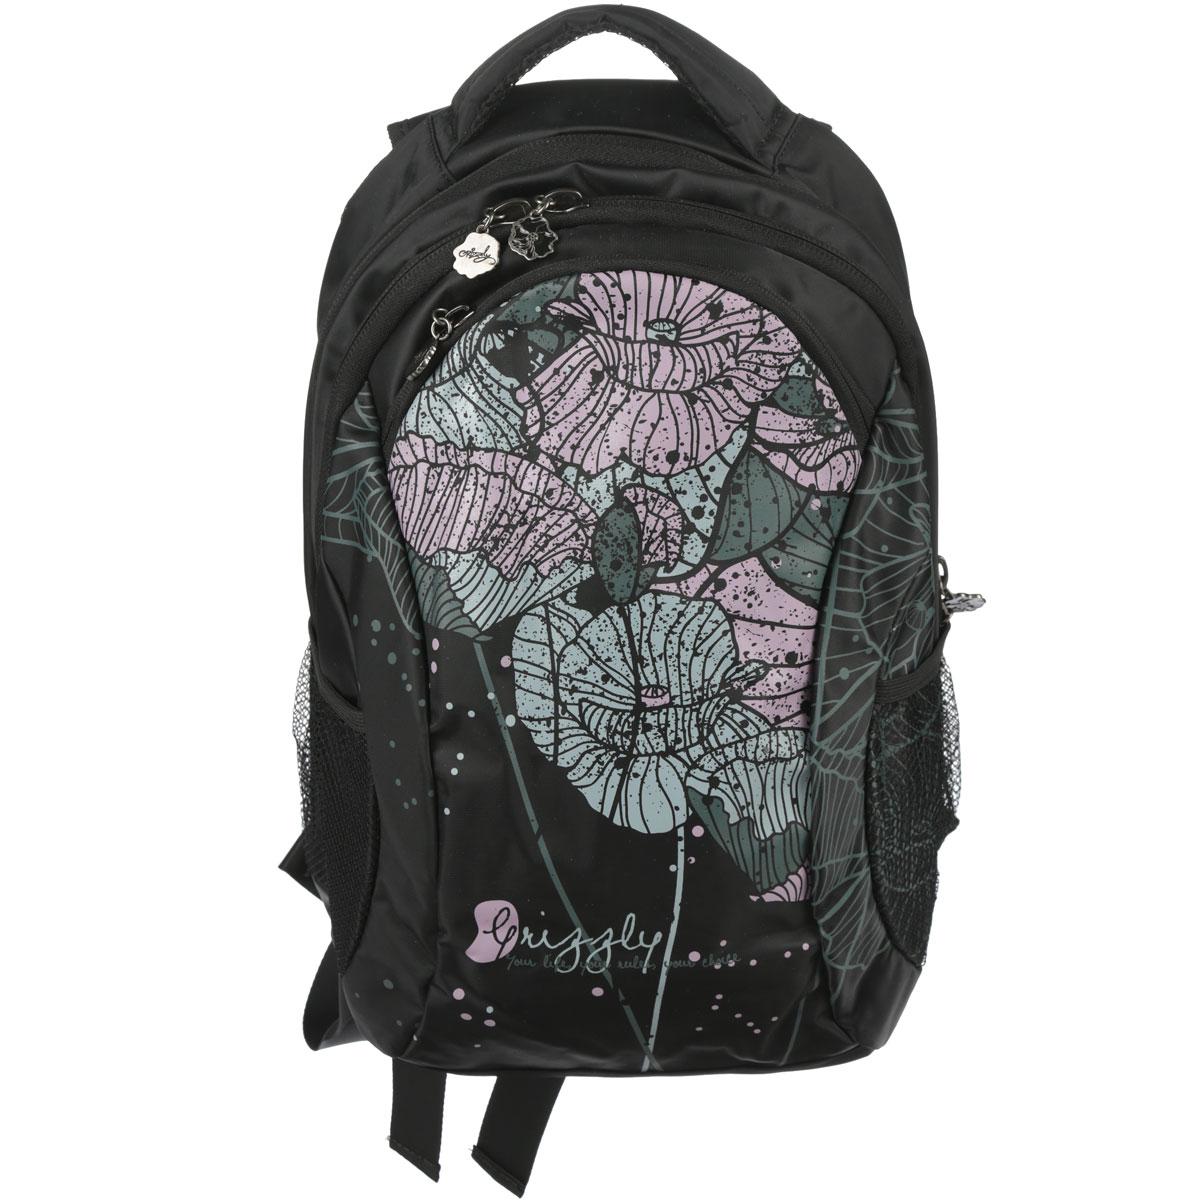 Рюкзак детский Grizzly, цвет: черный. RD-531-172523WDРюкзак женский с двумя отделениями, с передним карманом на молнии, боковыми карманами из сетки, внутренним карманом-пеналом, с жесткой спинкой с мягкими вставками, укрепленными лямками, ручкой для переноски